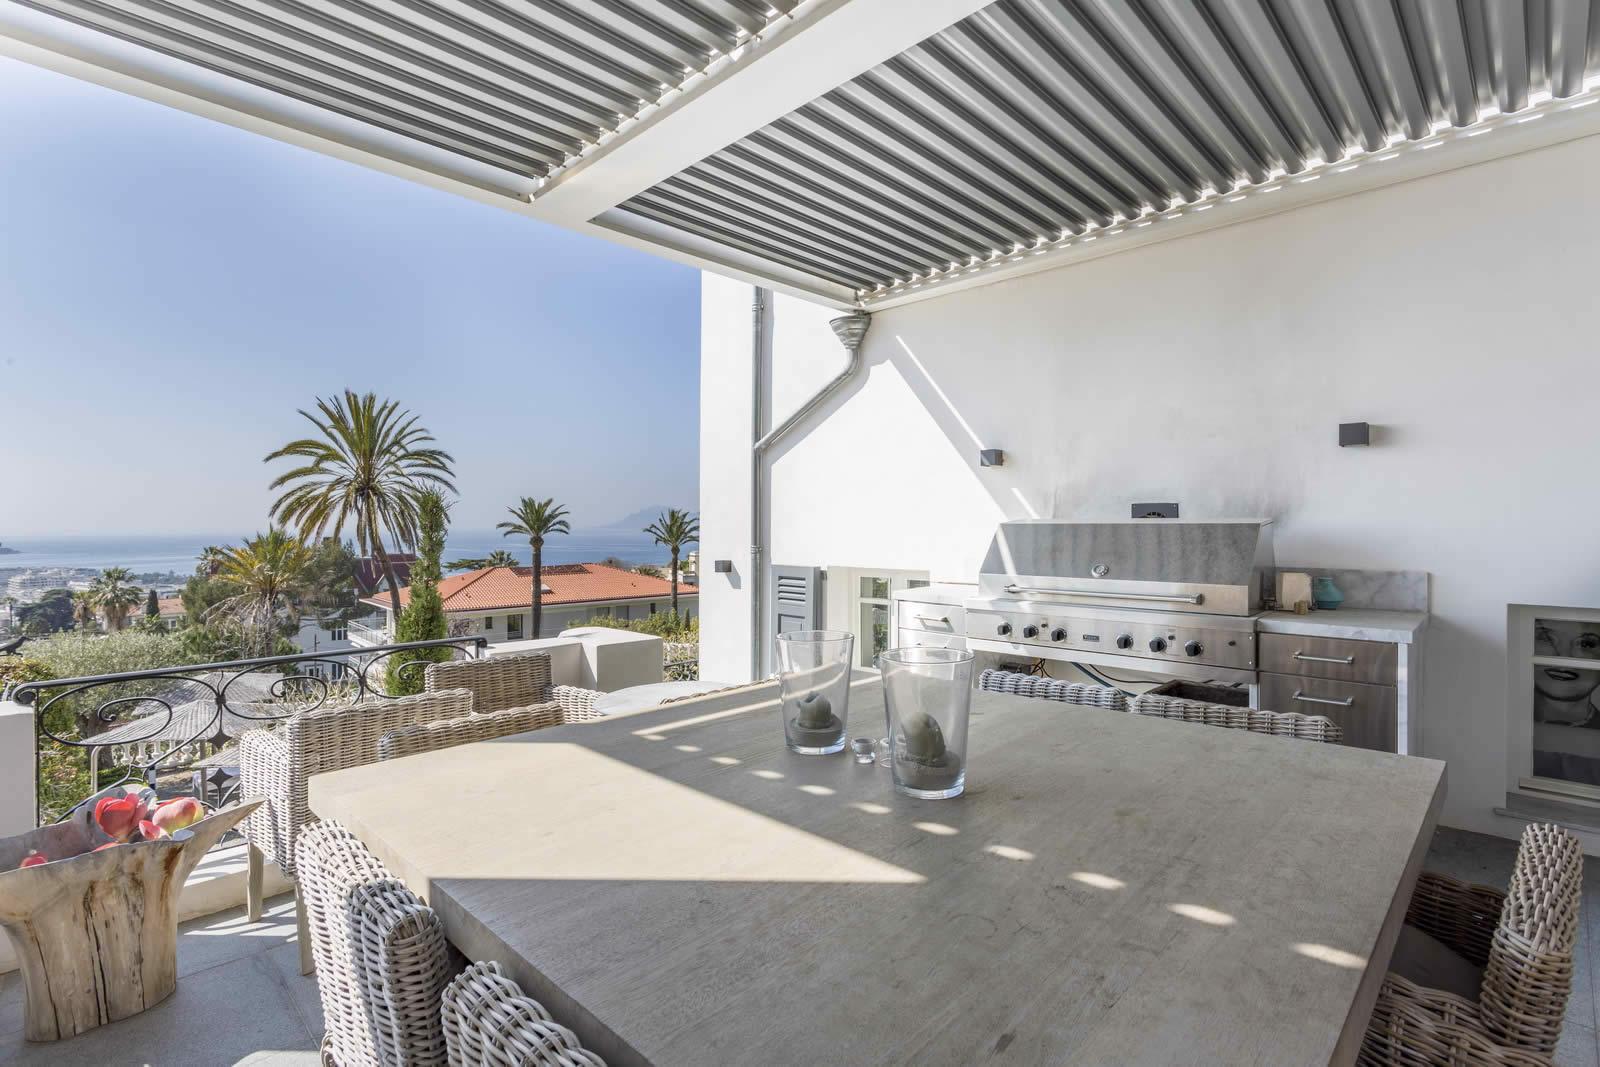 Villa de luxe louer pour vos vacances la californie for Villa louer vacances